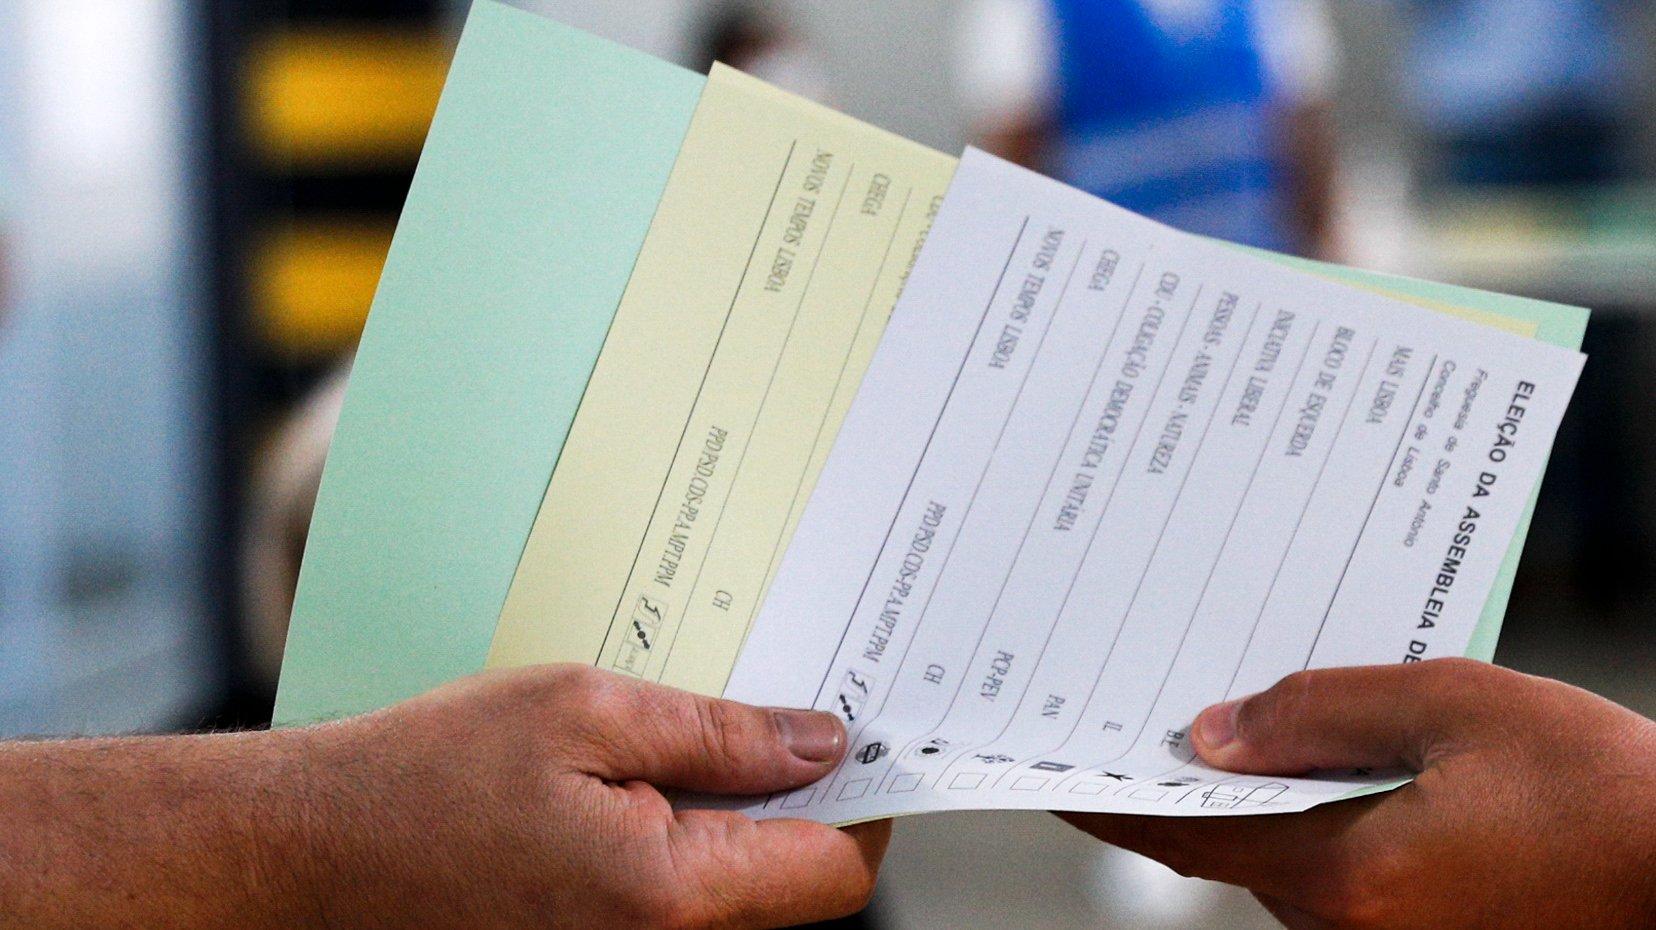 Um cidadão eleitor recebe os boletins de voto nas  eleições autárquicas, em Lisboa, 26 de setembro de 2021. Este domingo  mais de 9,3 milhões eleitores podem votar nas eleições Autárquicas, para eleger  aqueles que vão liderar, nos próximos quatro anos, os 308 municípios e as 3091 freguesias. ANTÓNIO COTRIM/LUSA